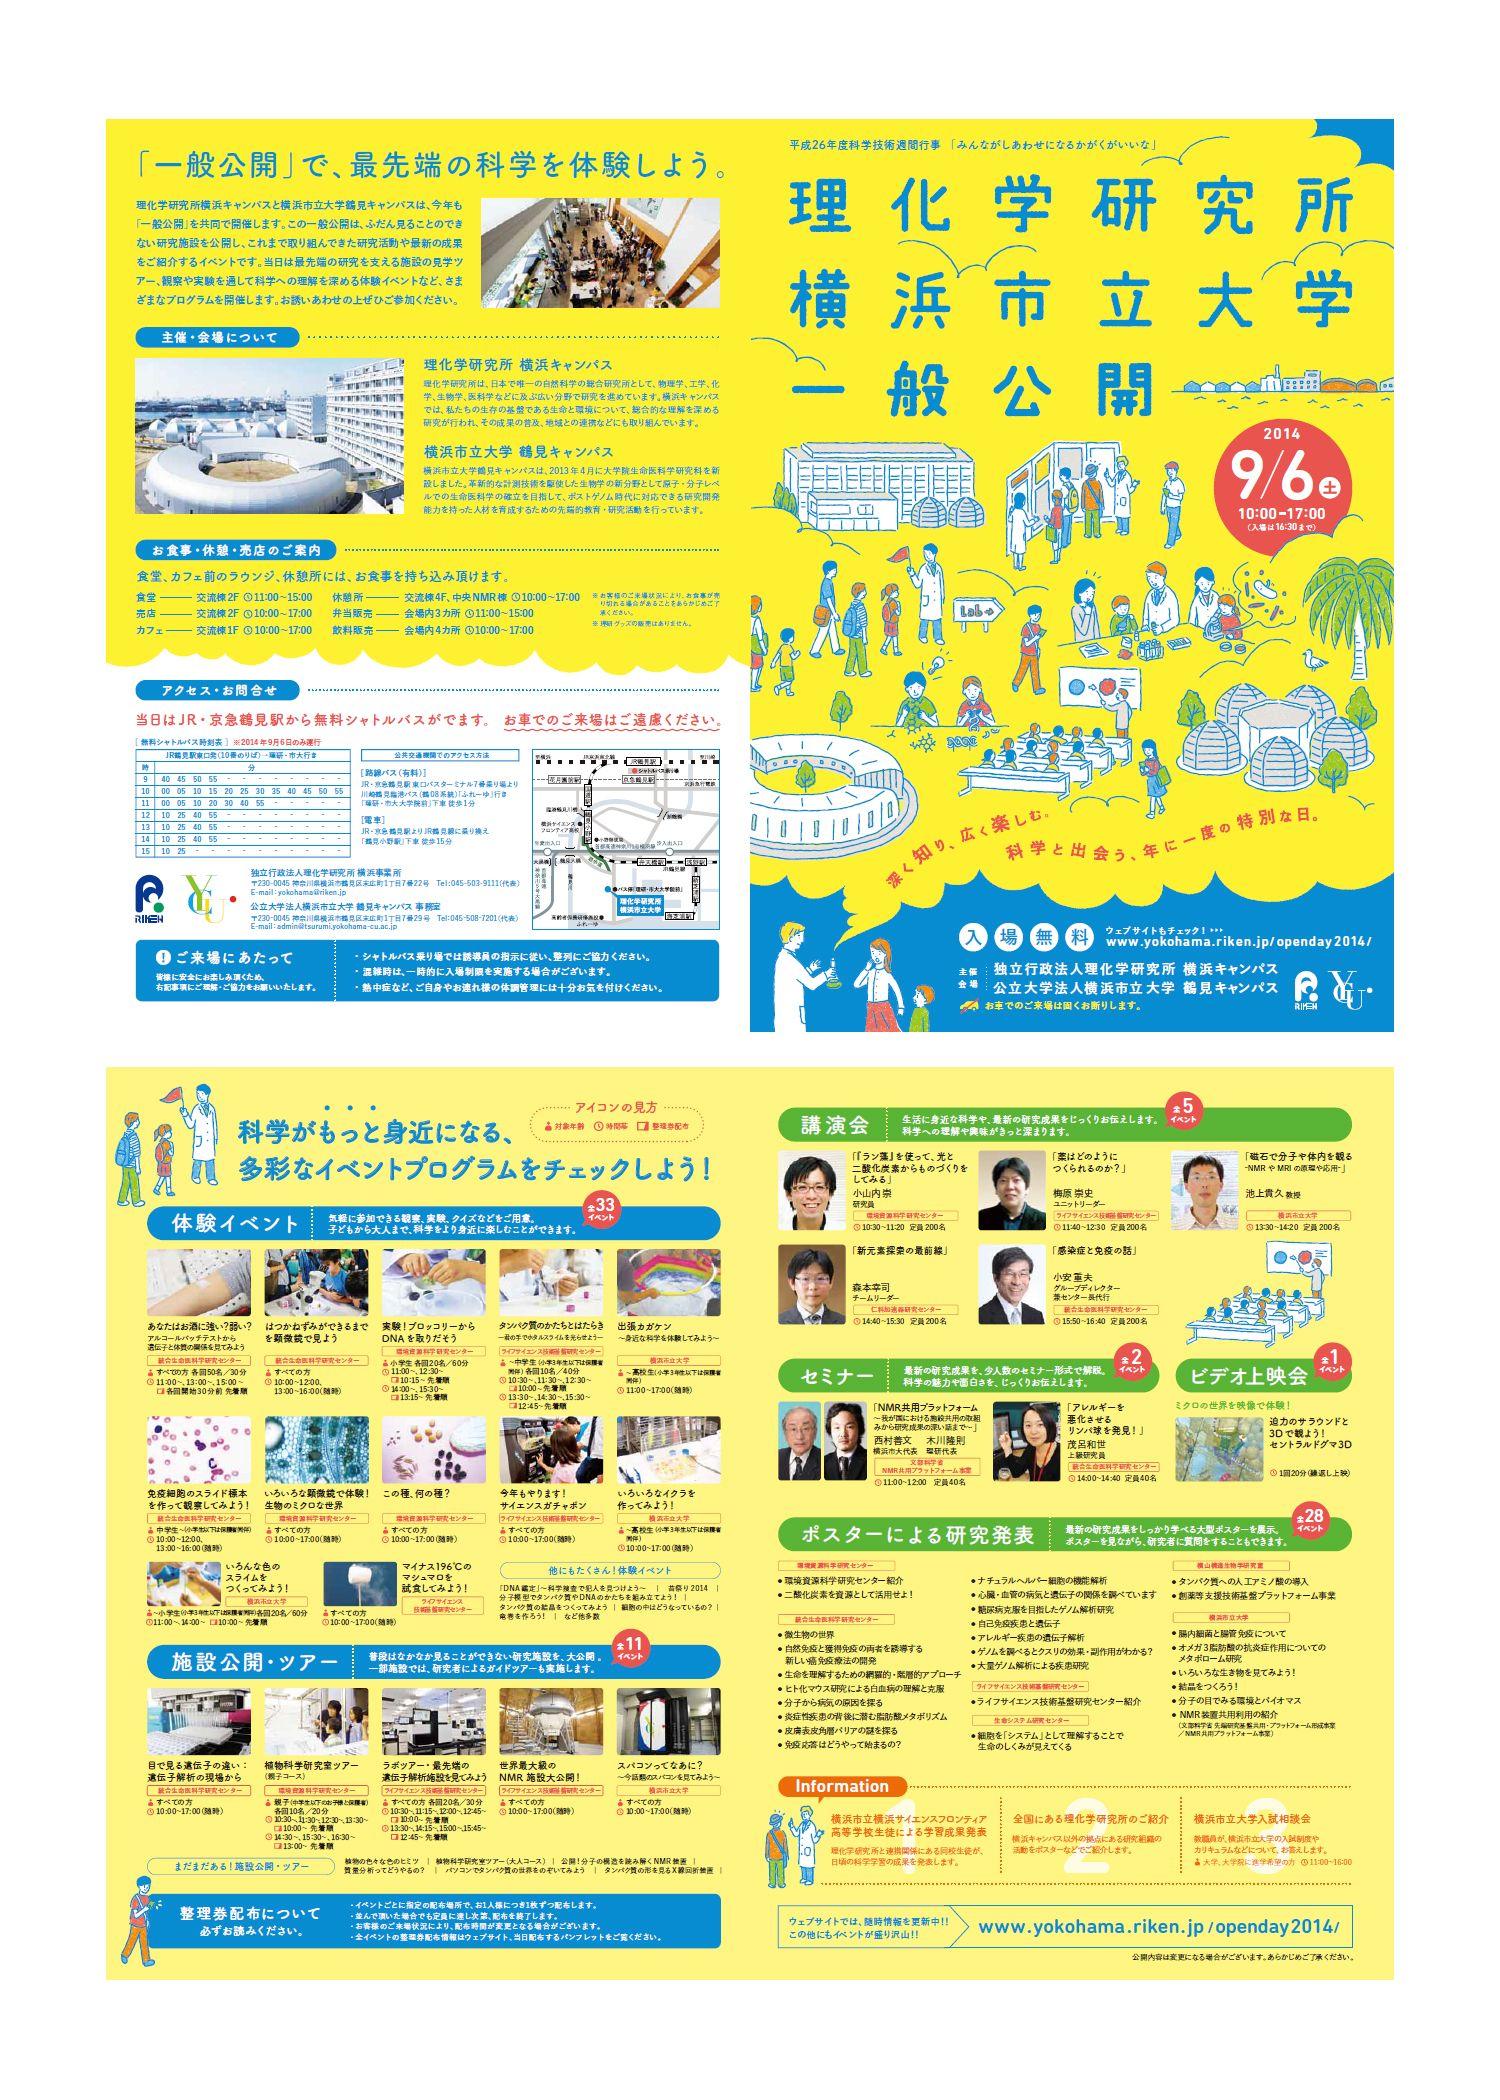 理化学研究所 横浜市立大学 一般公開 チラシ 仕 事 pinterest